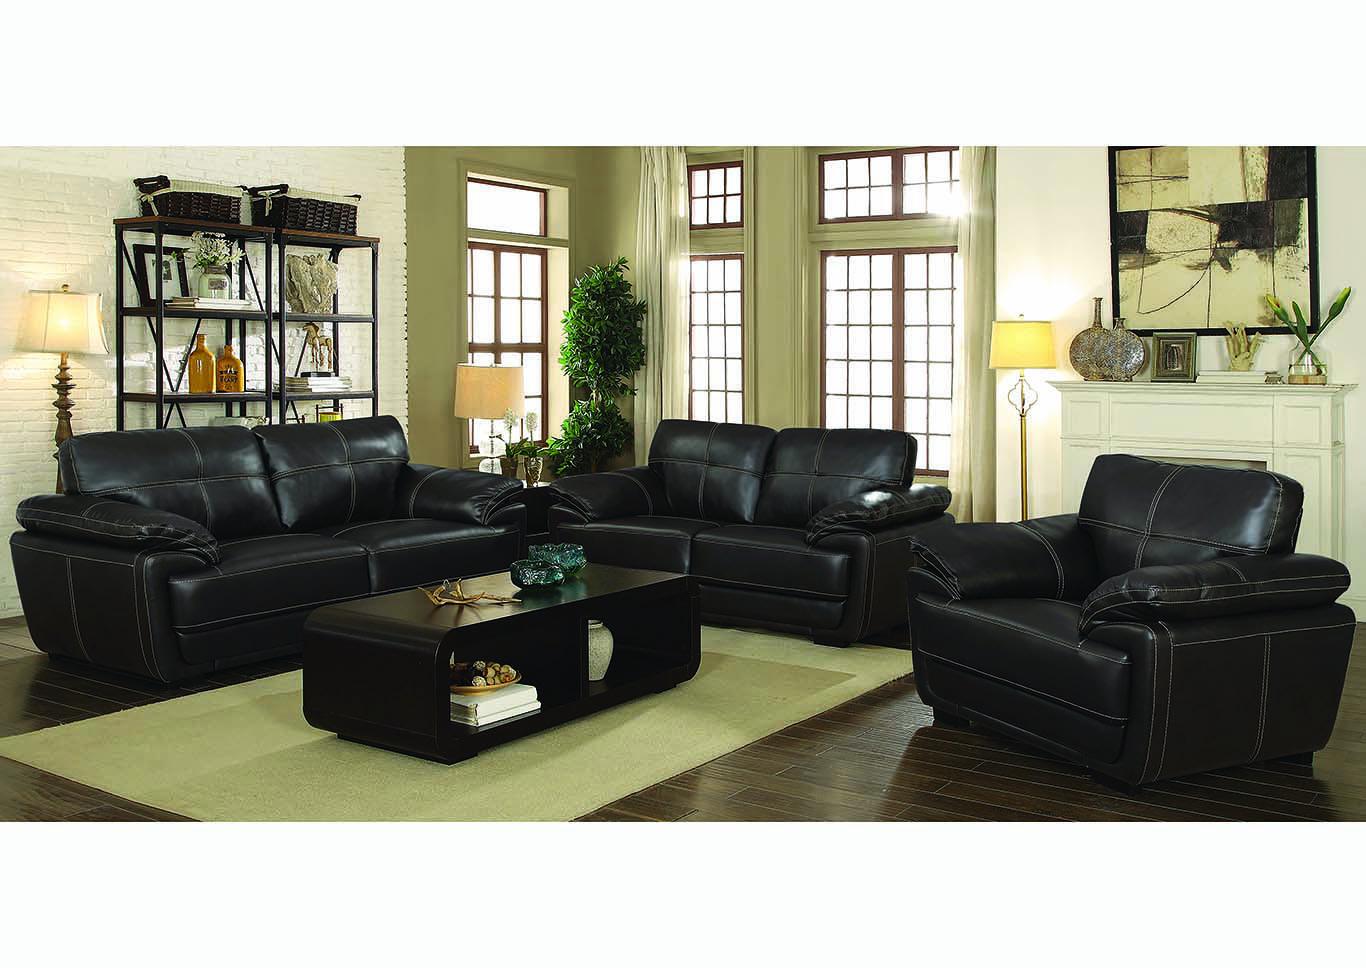 National Furniture Outlet Westwego La Black Sofa Loveseat